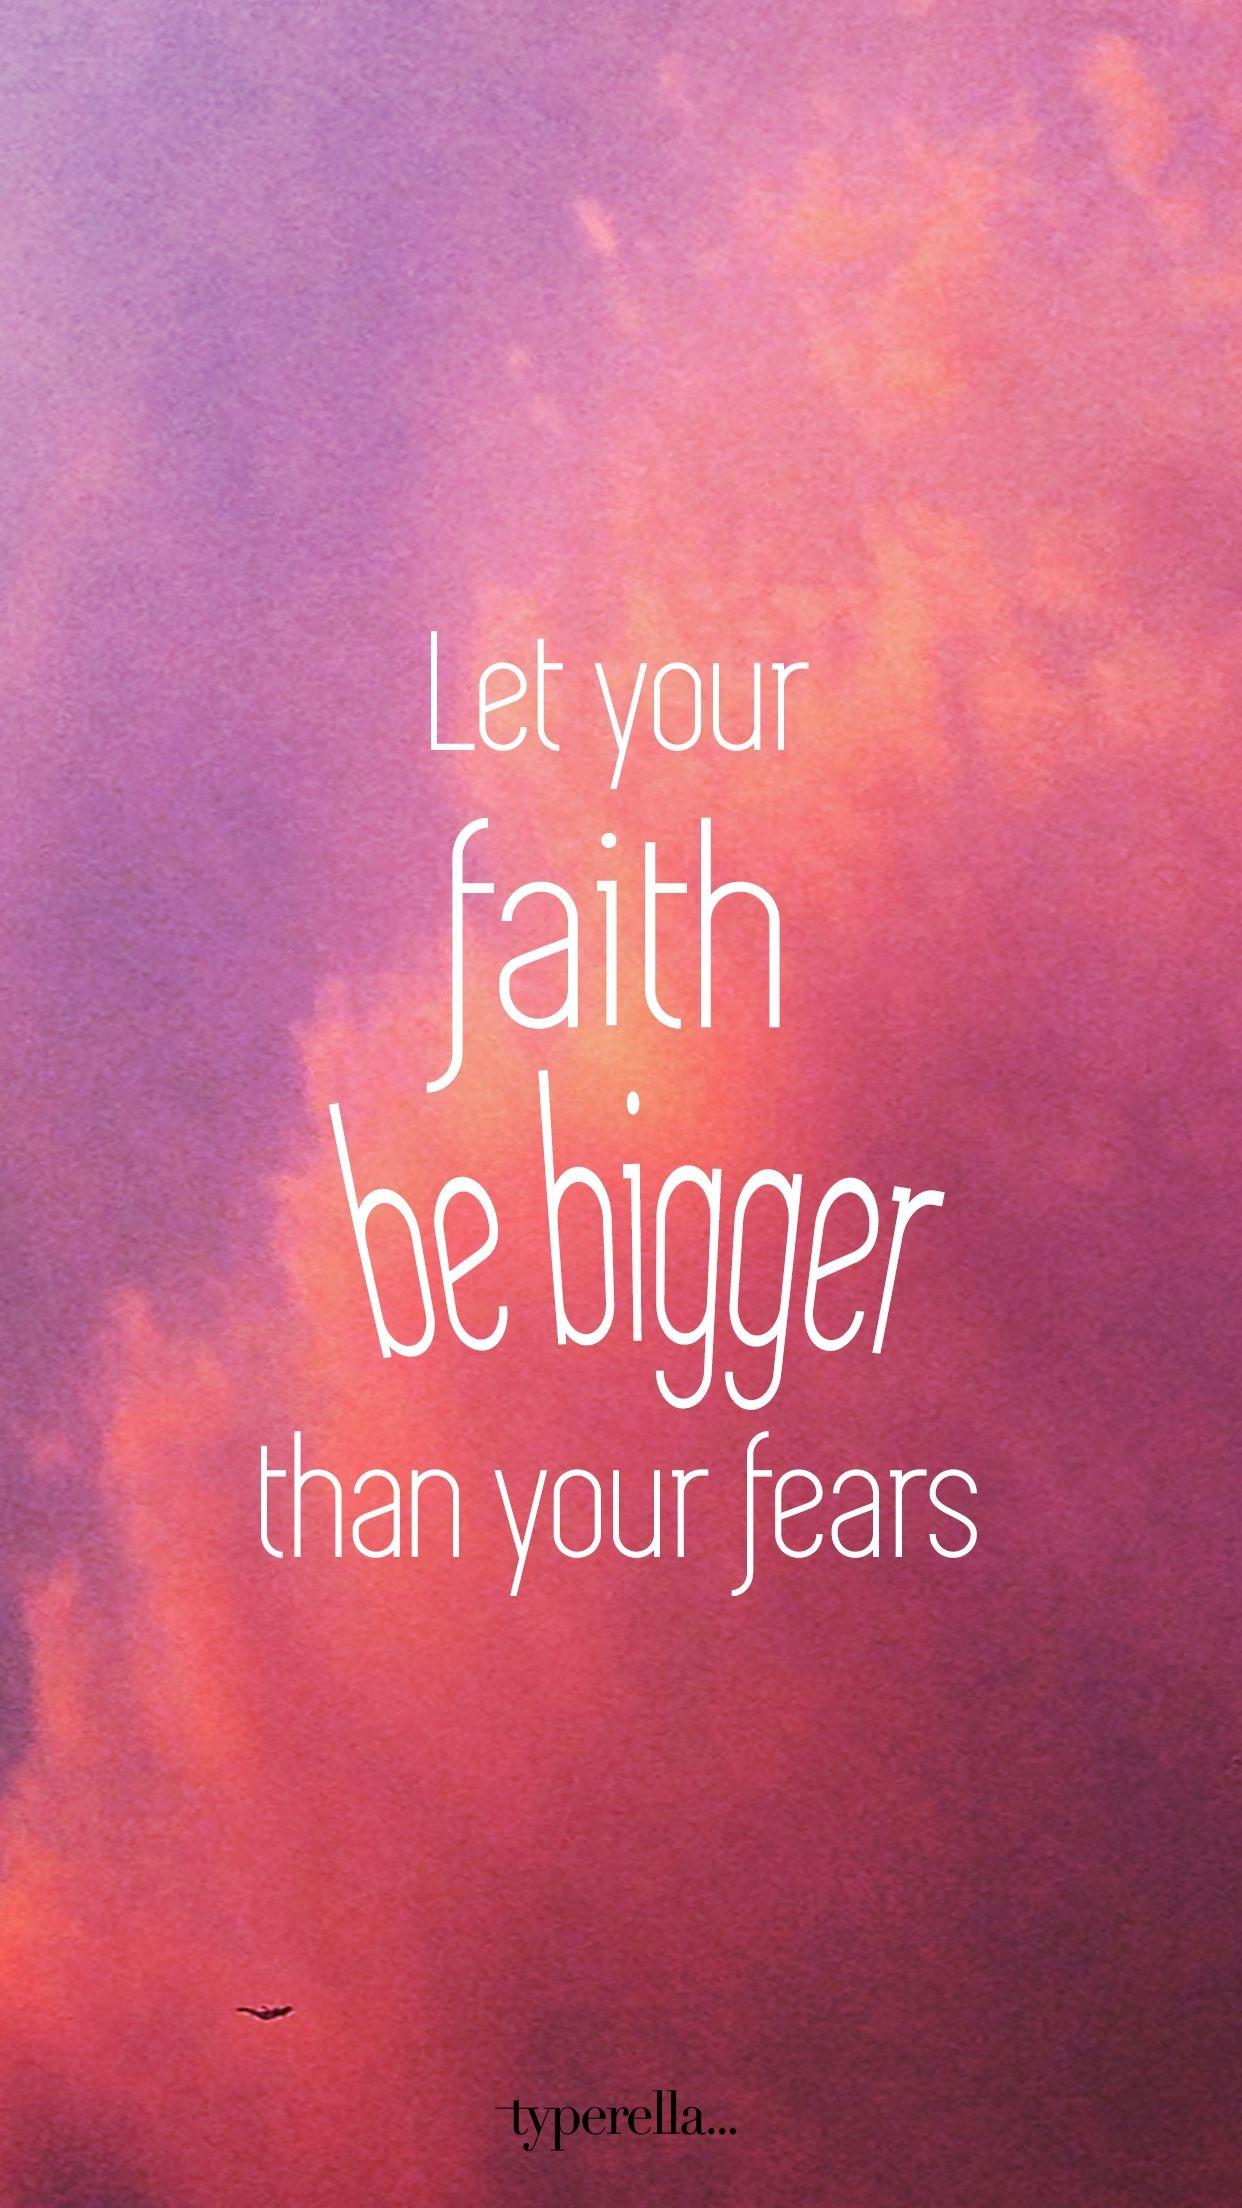 1 17596 god quotes wallpaper hd